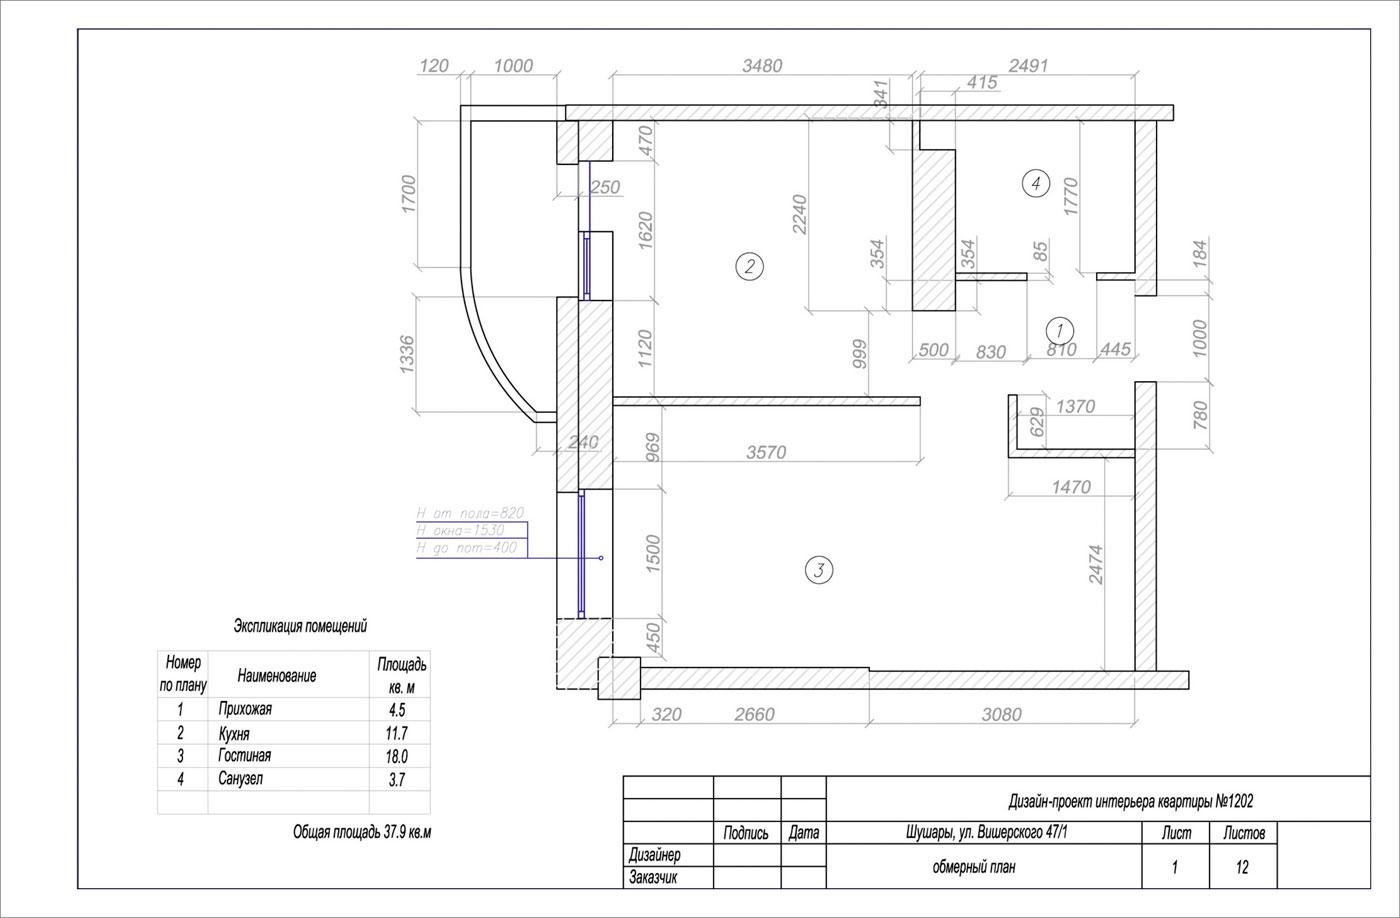 Схема планировки квартир условные обозначения5